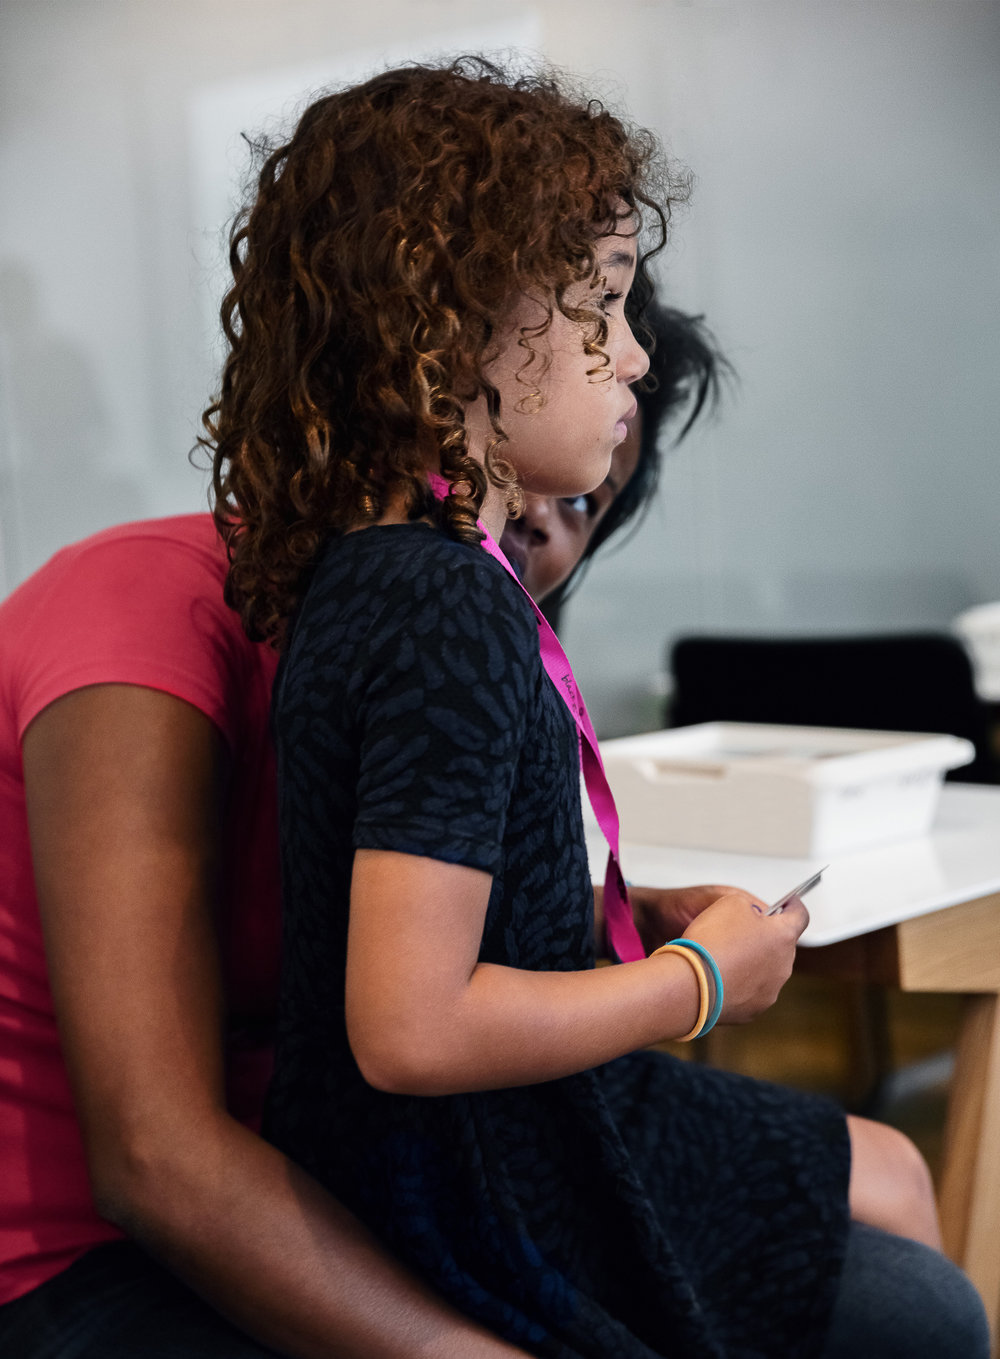 ¿Qué son las ACE? - Las ACE, o experiencias adversas en la infancia, son eventos estresantes o traumáticos que afectan a los niños, incluidos el abuso y la negligencia. El término ACE se desarrolló a partir del estudio CDC-Kaiser Permanente que identificó siete categorías de experiencias estresantes que incluyen:Abuso psicológico o negligencia emocional.Abuso físicoAbuso sexualViolencia contra la madre.Vivir con un miembro de la familia que fue adicto a una sustancia, deprimido, mentalmente enfermo o suicida, o encarceladoSeparación parental o divorcio.CONOCE TU PUNTUACIÓN: TOMA LA PRUEBA DE ACE